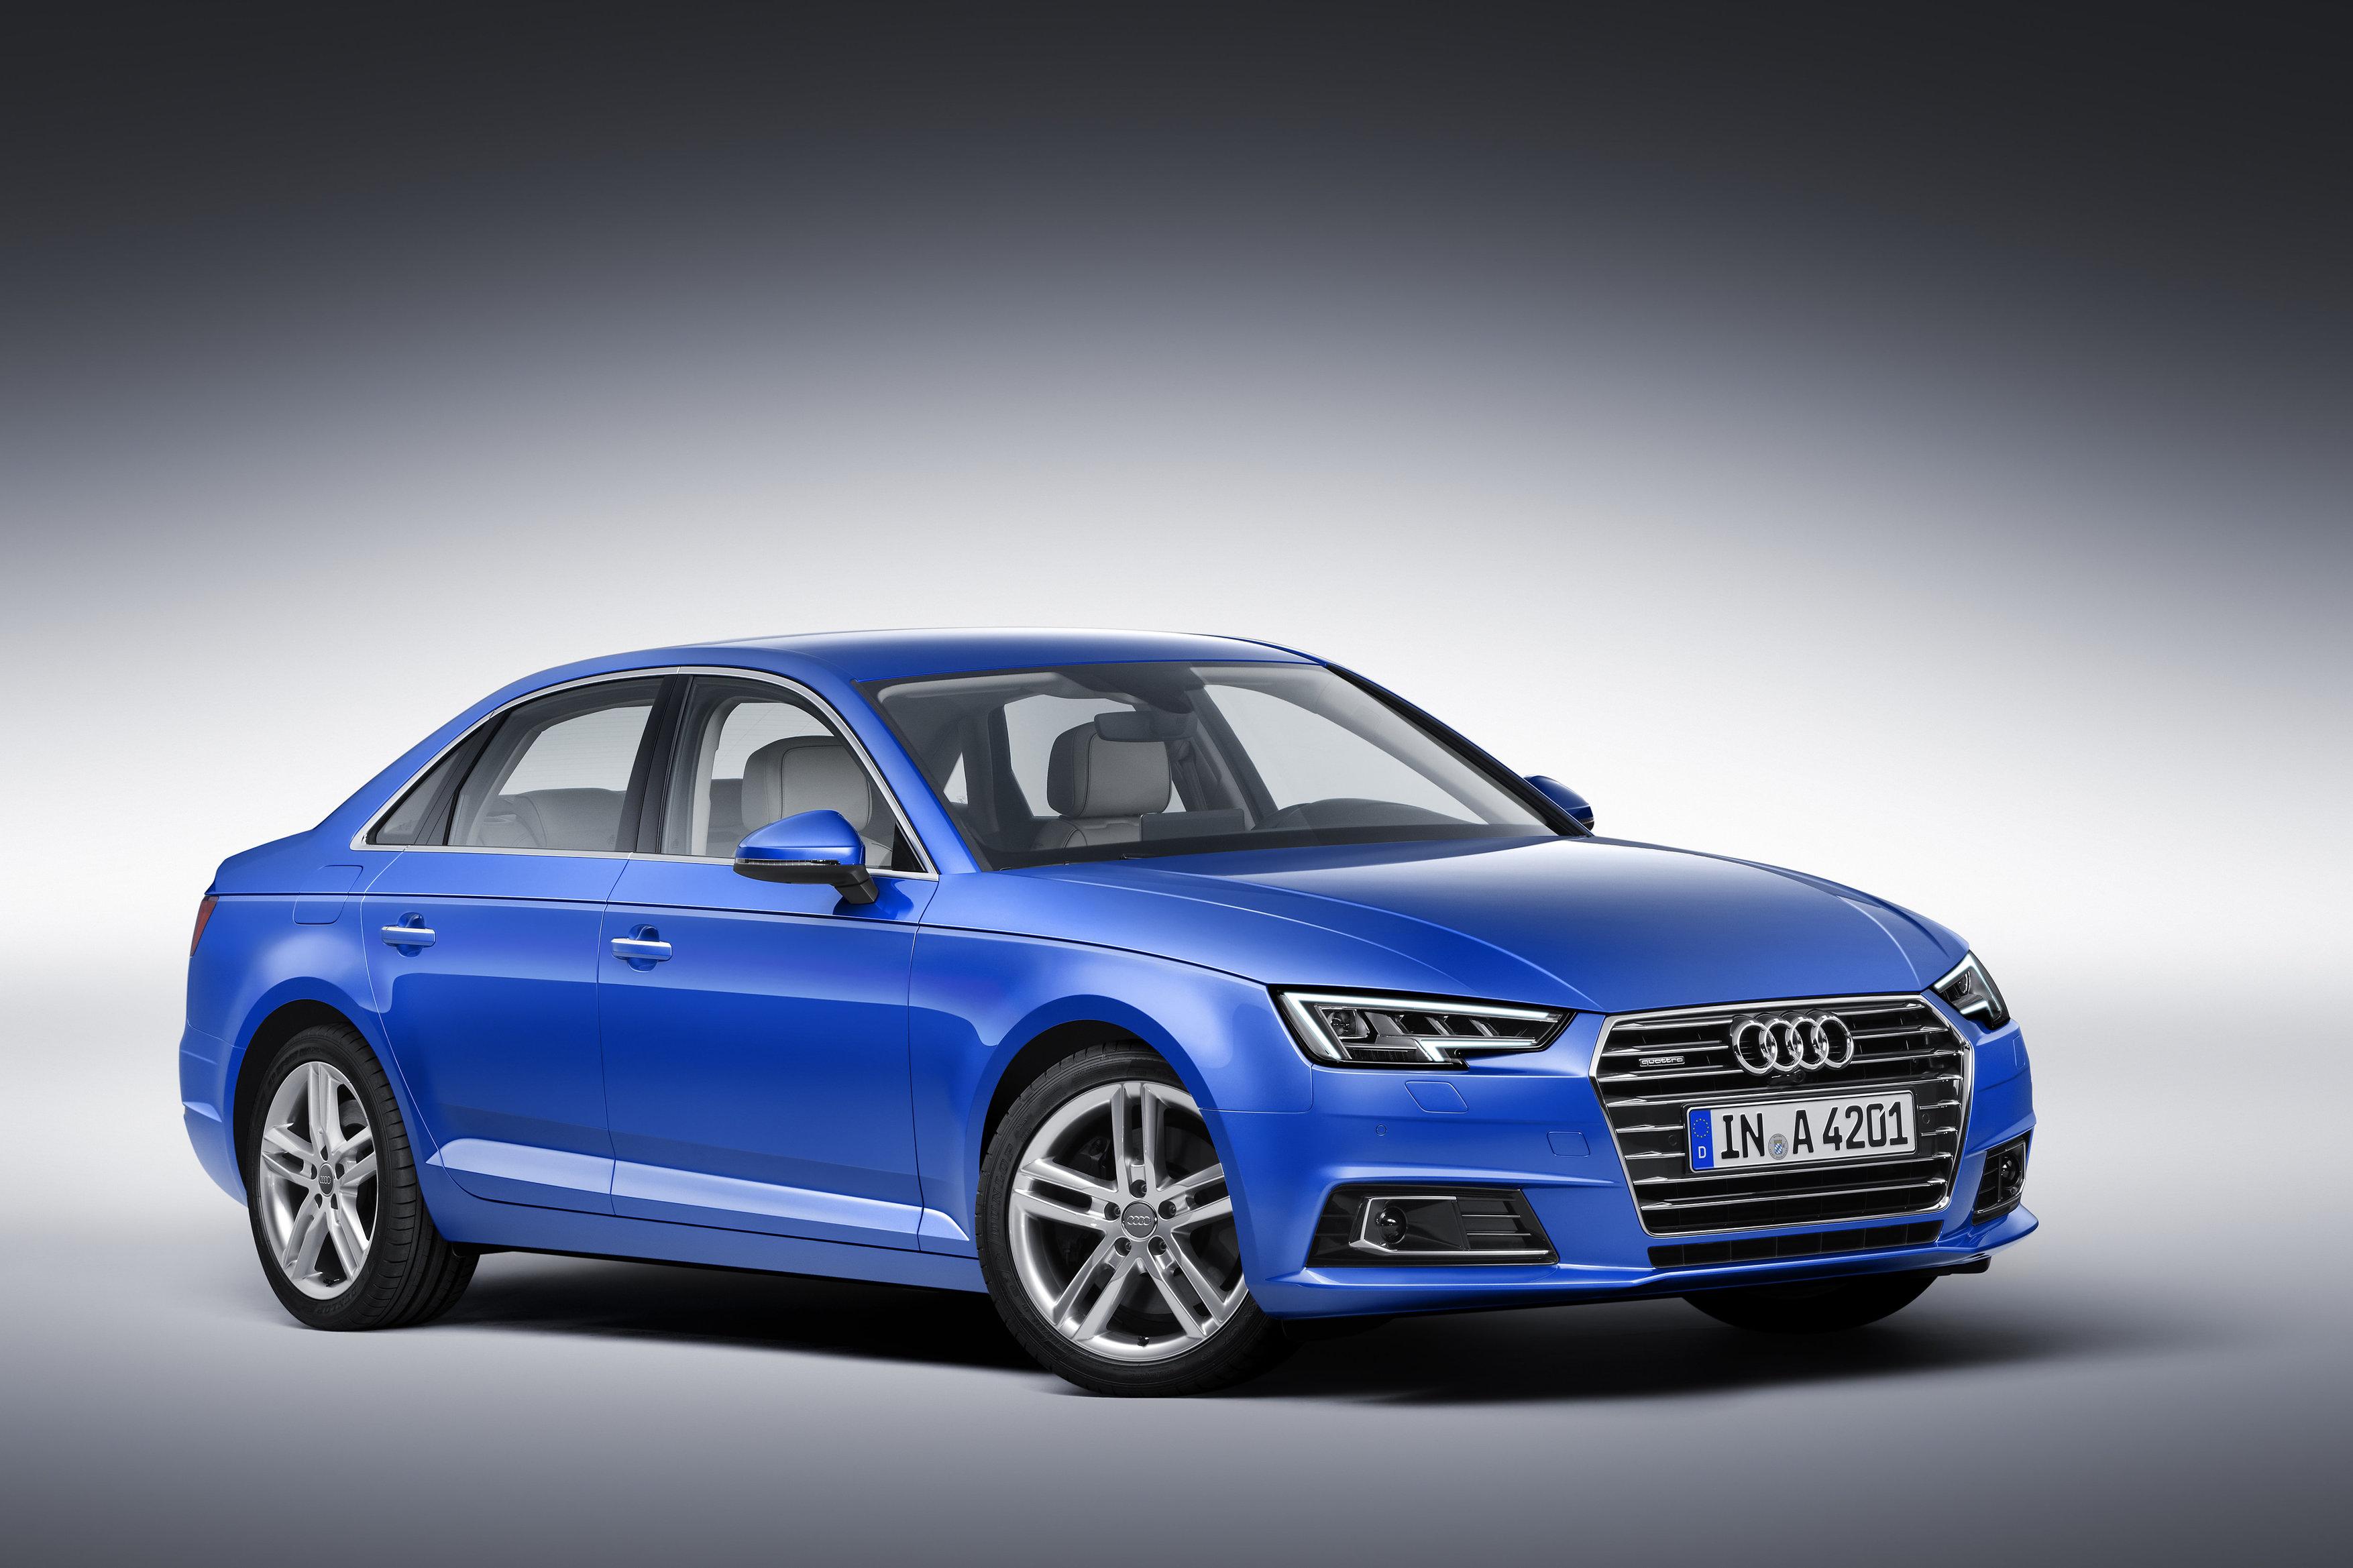 2015 Audi A4 FIRST DRIVE VIDEO